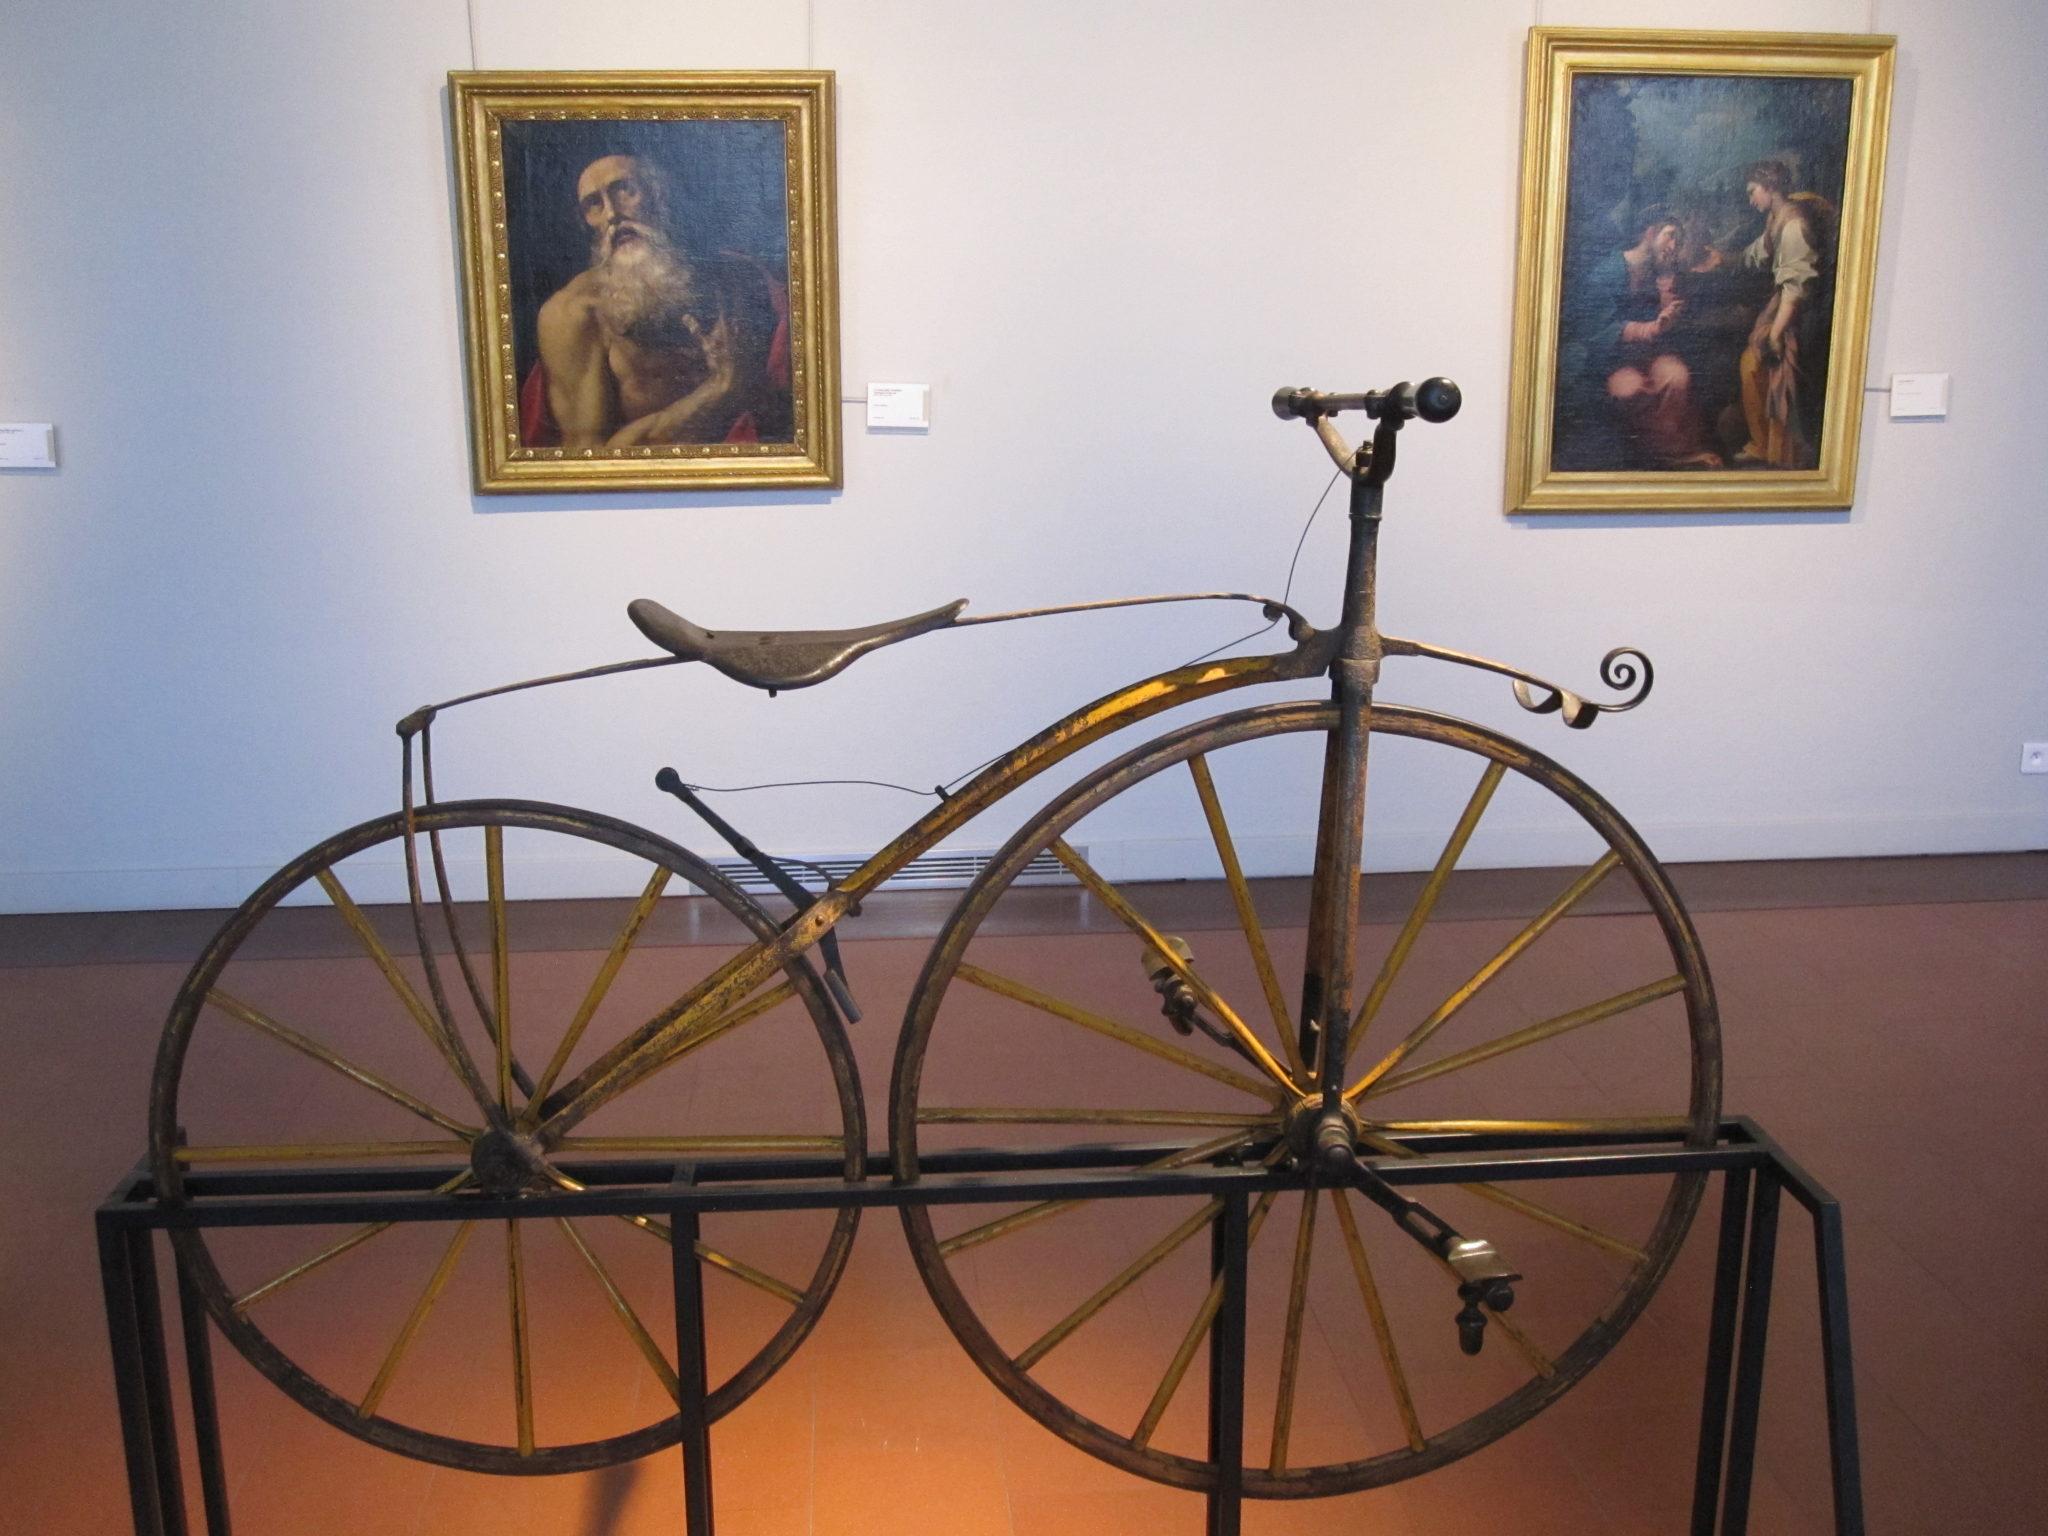 Dieses besonders prächtige Fahrrad aus der 2. Hälfte des 19. Jahrhunderts gehörte dem Sohn von Kaiser Napoleon III, Prinz Napoléon Eugène. Heute ist es im Museo Napoleonico im Rom zu bewundern.